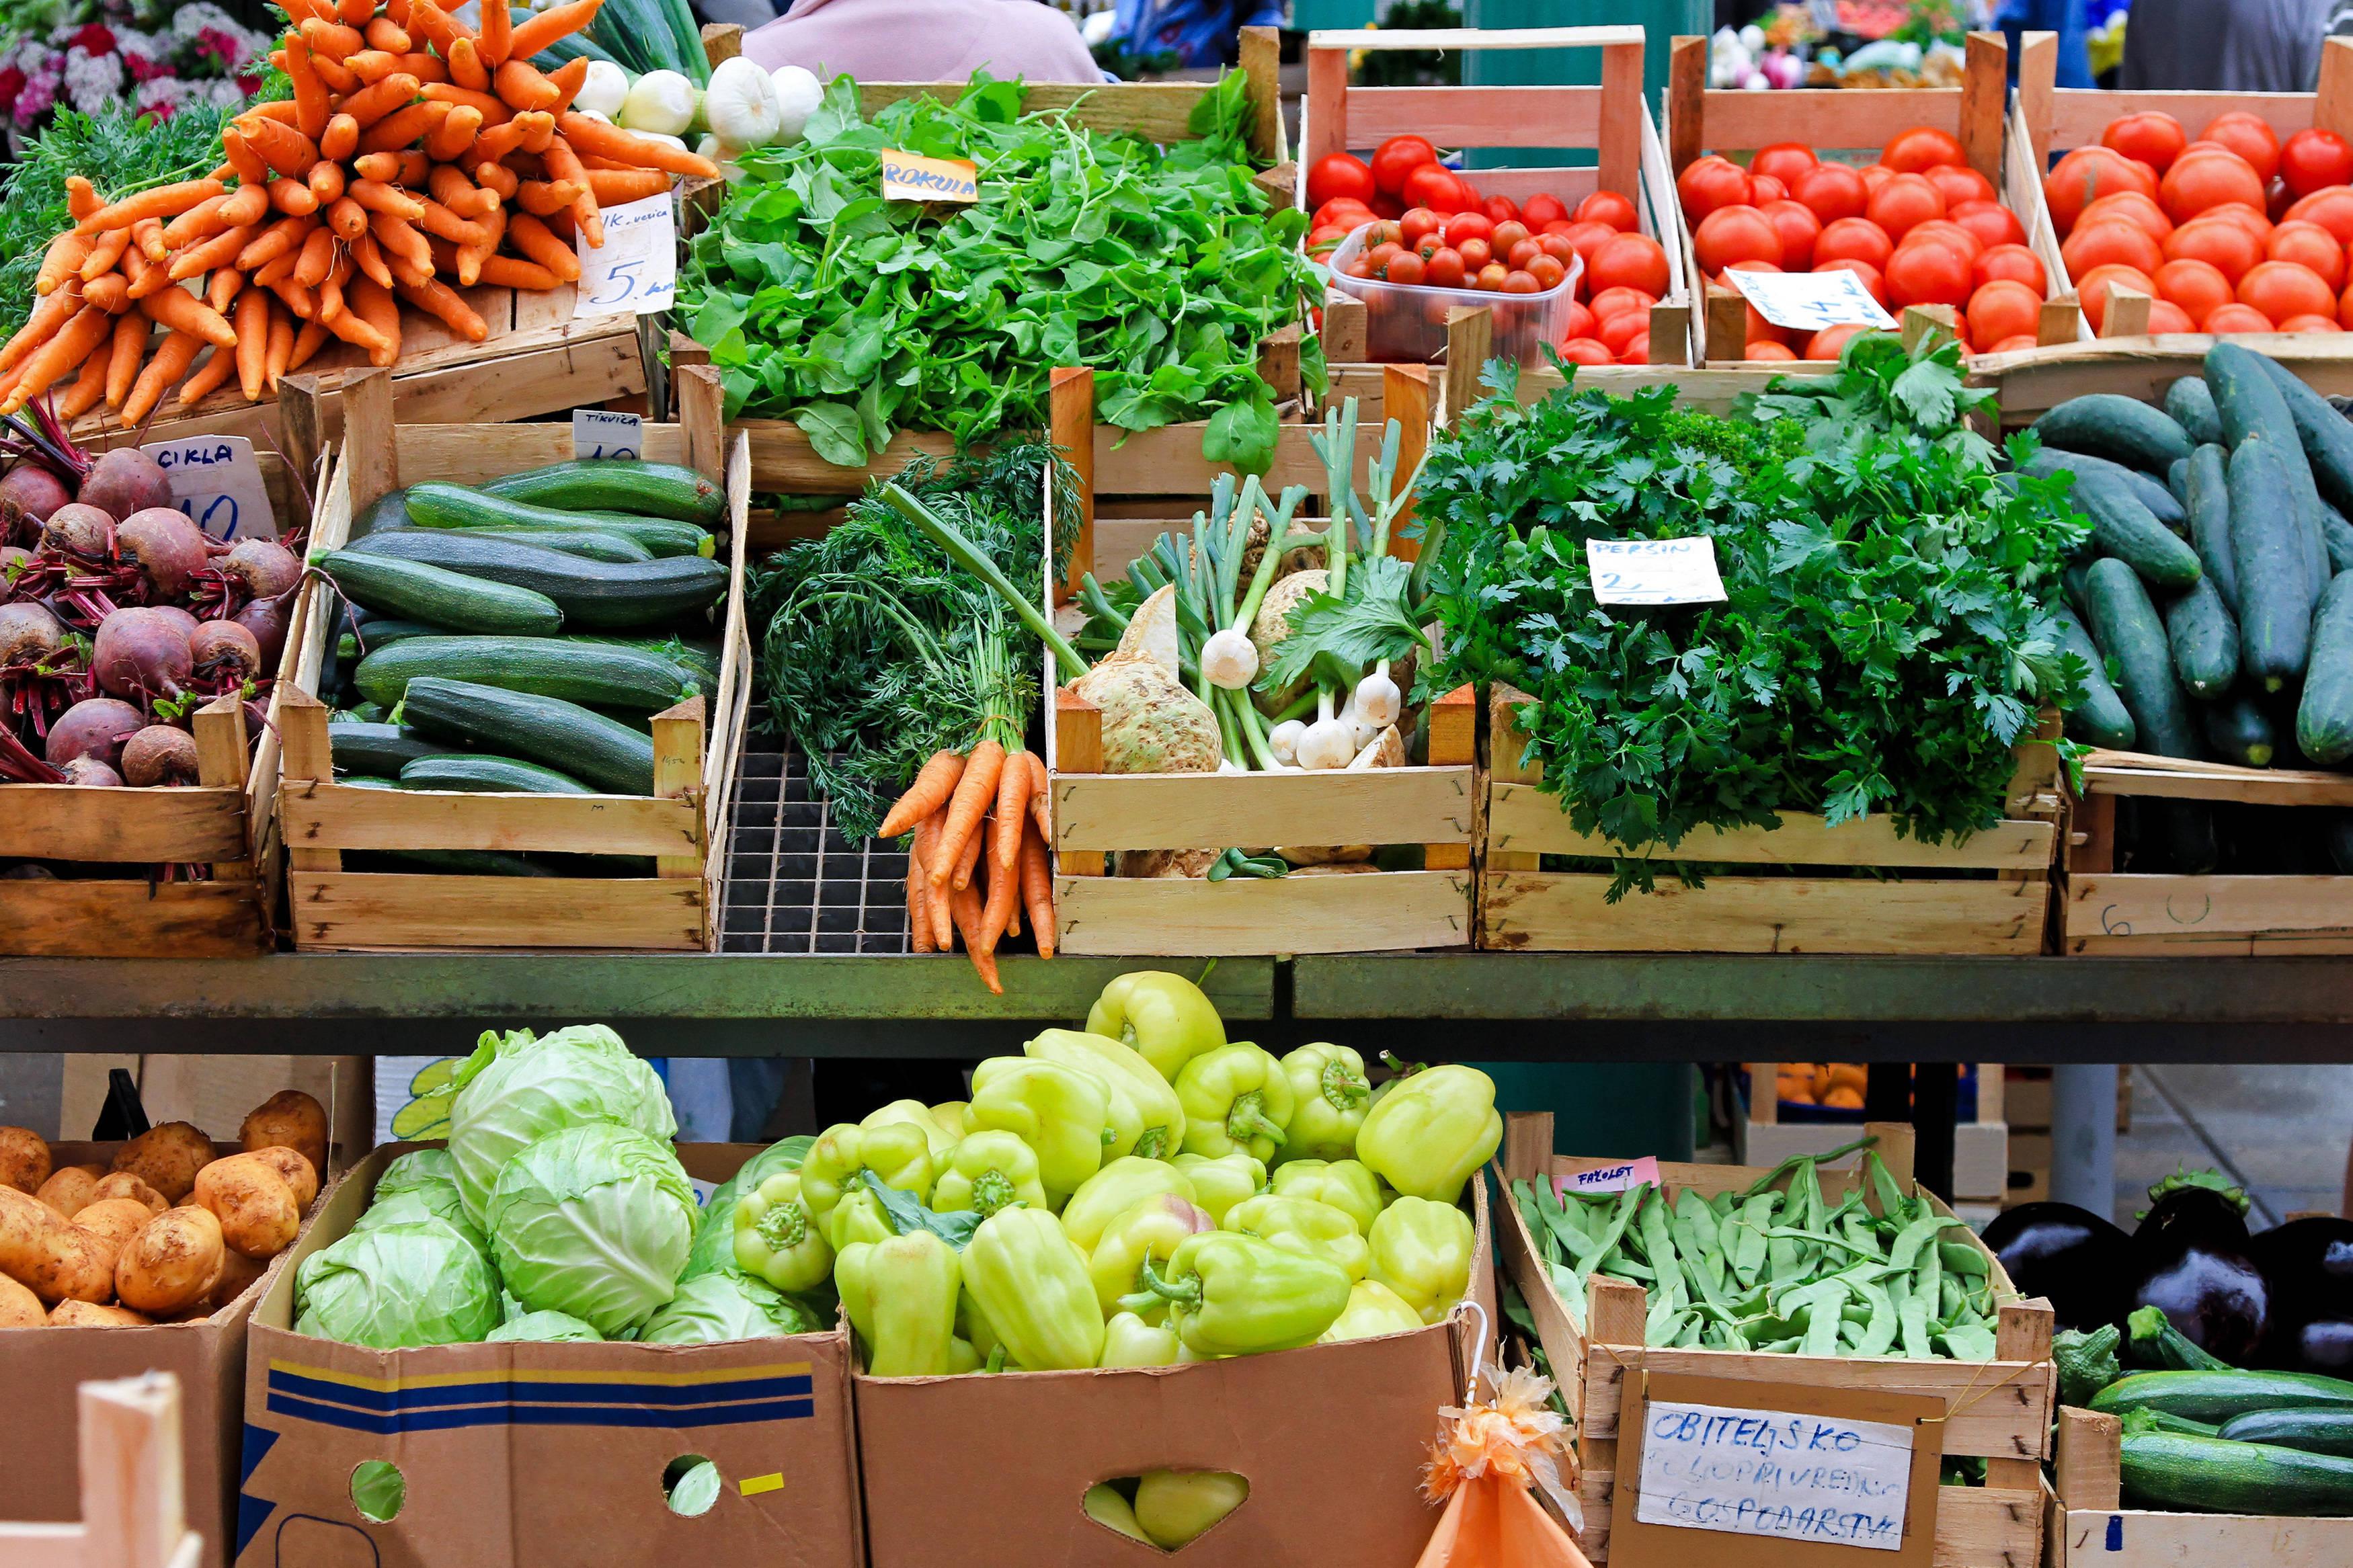 shutterstock_74858629 Farmers market produce.jpg